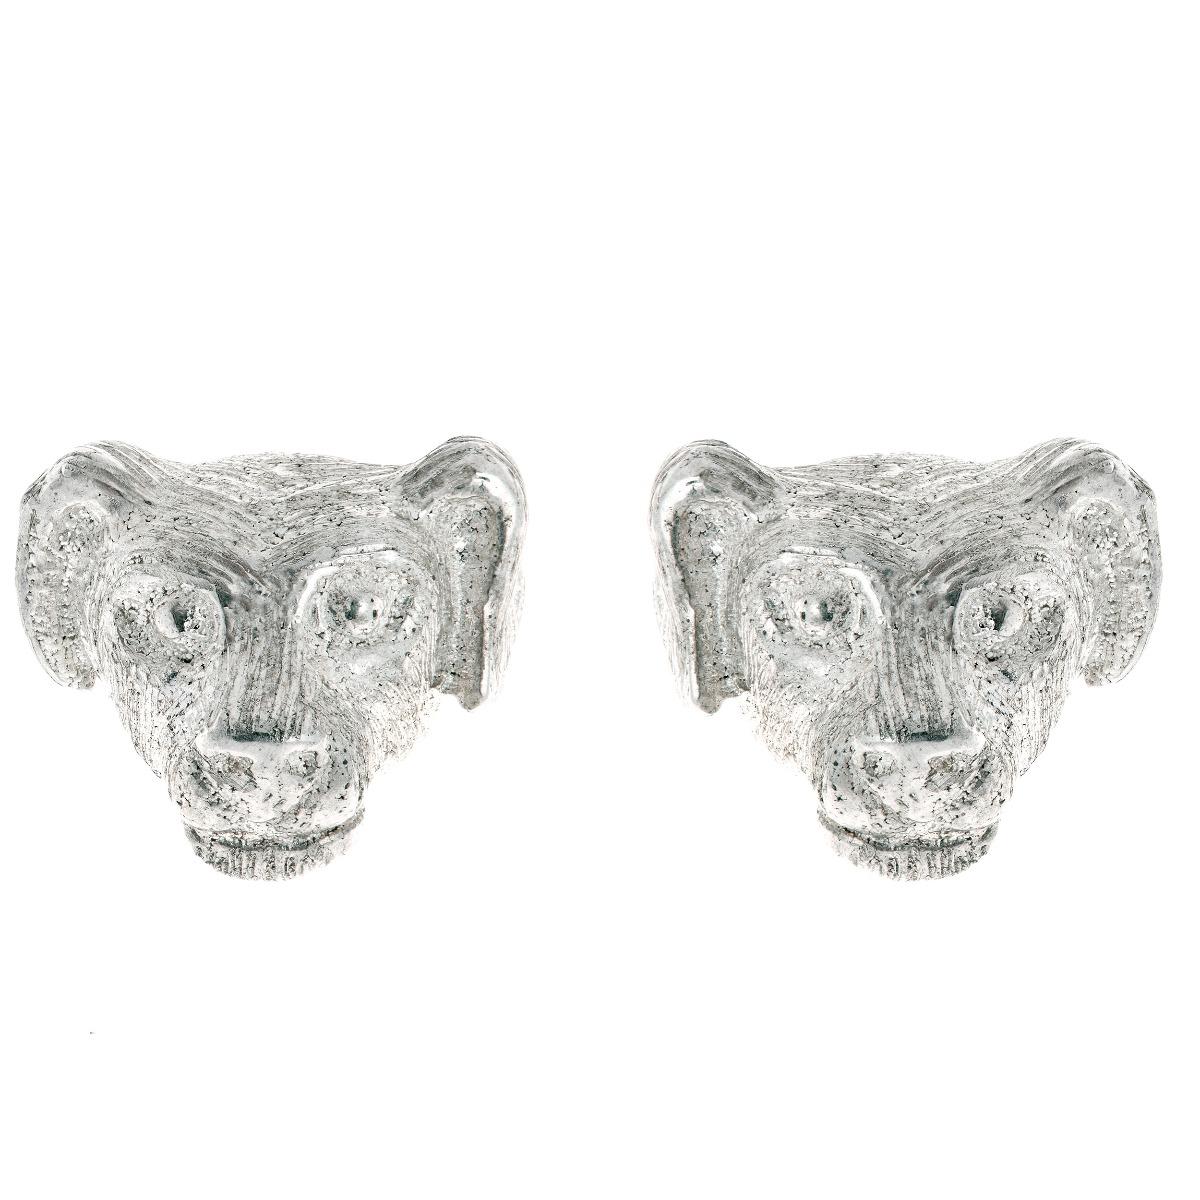 Chinese zodiac stud earrings (dog)